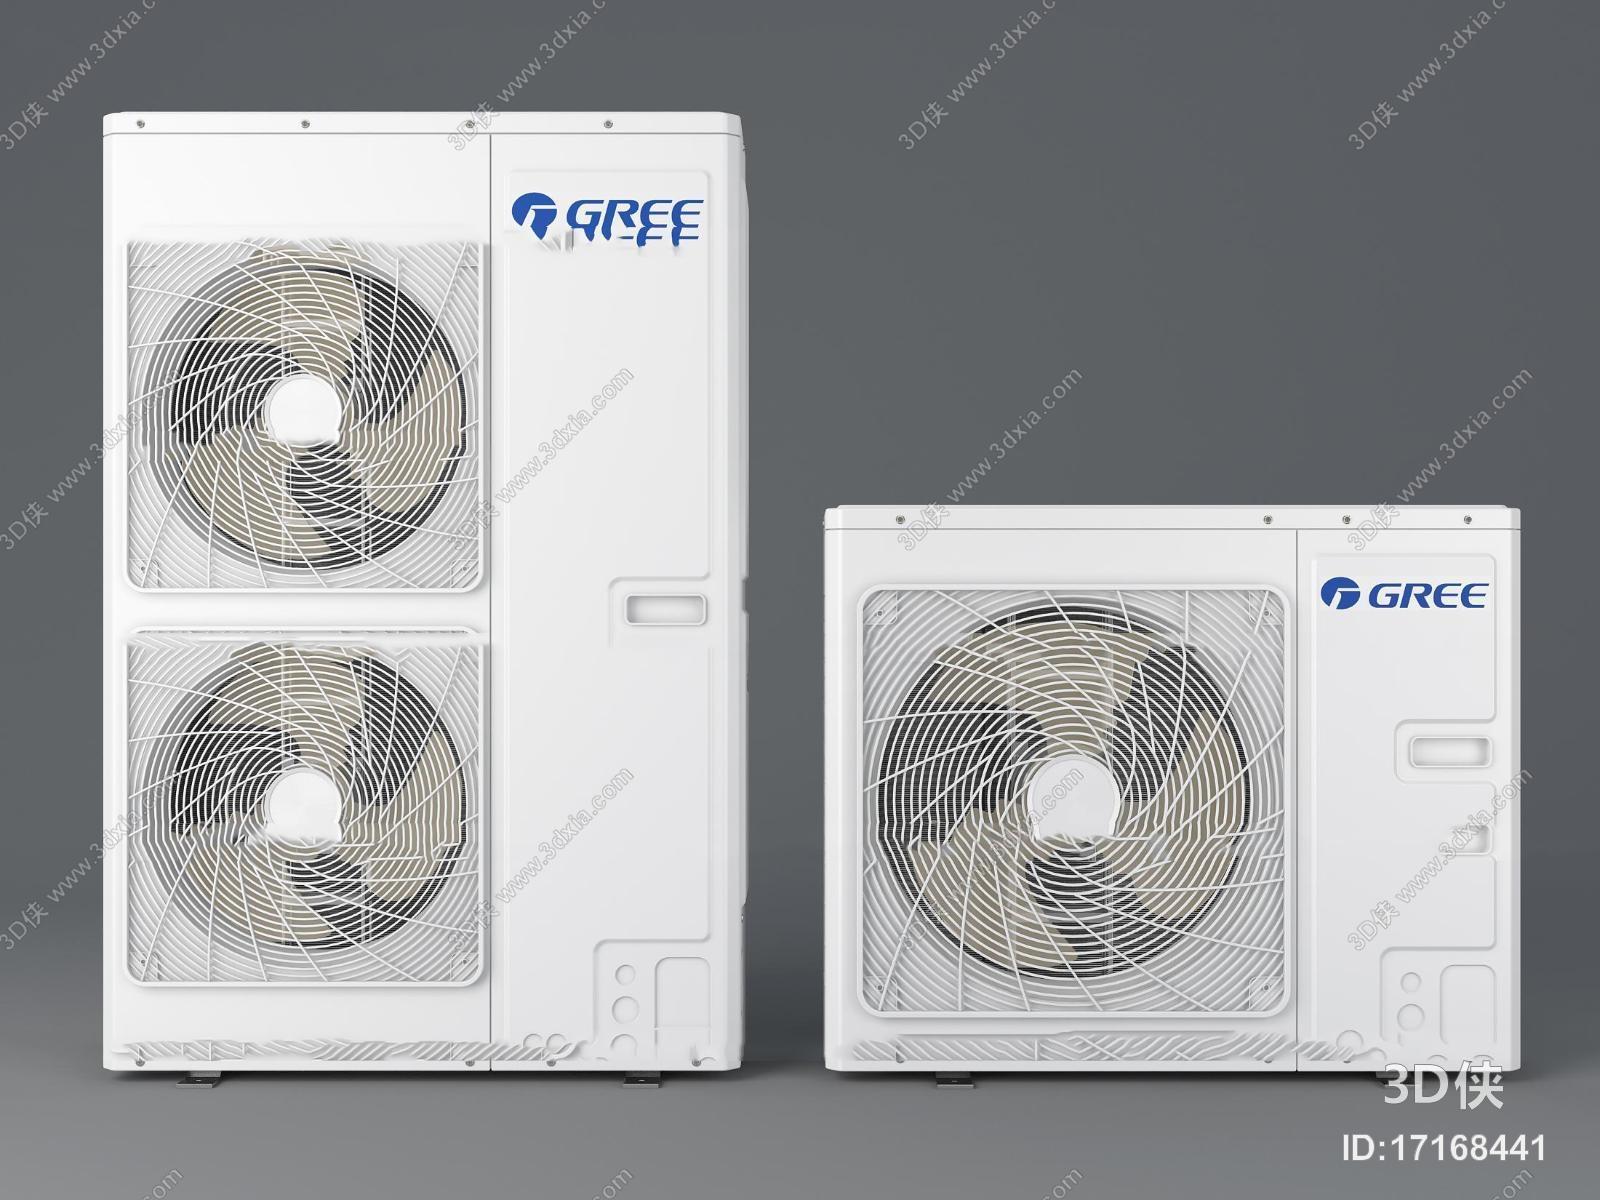 空调效果图素材免费下载,本作品主题是现代格力空调外机组合3d模型